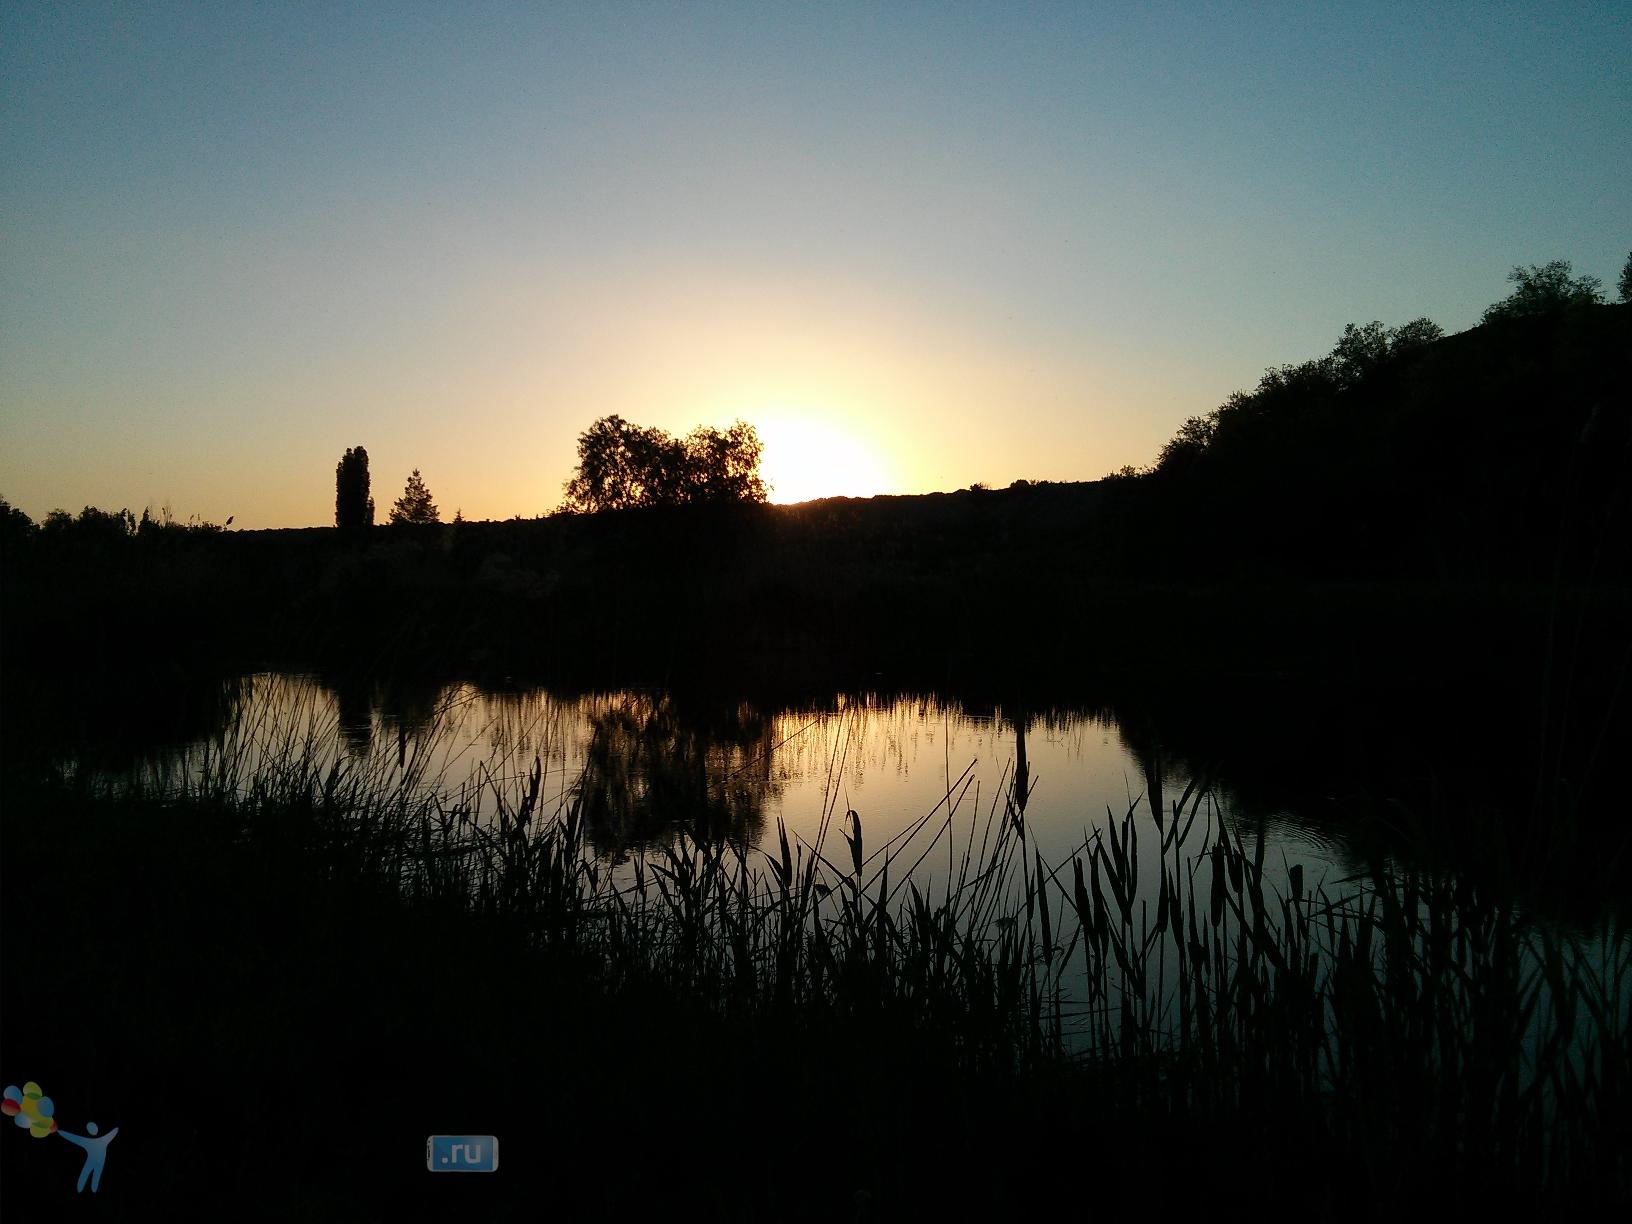 Фото с камеры LG Nexus 4 - вечений пейзаж